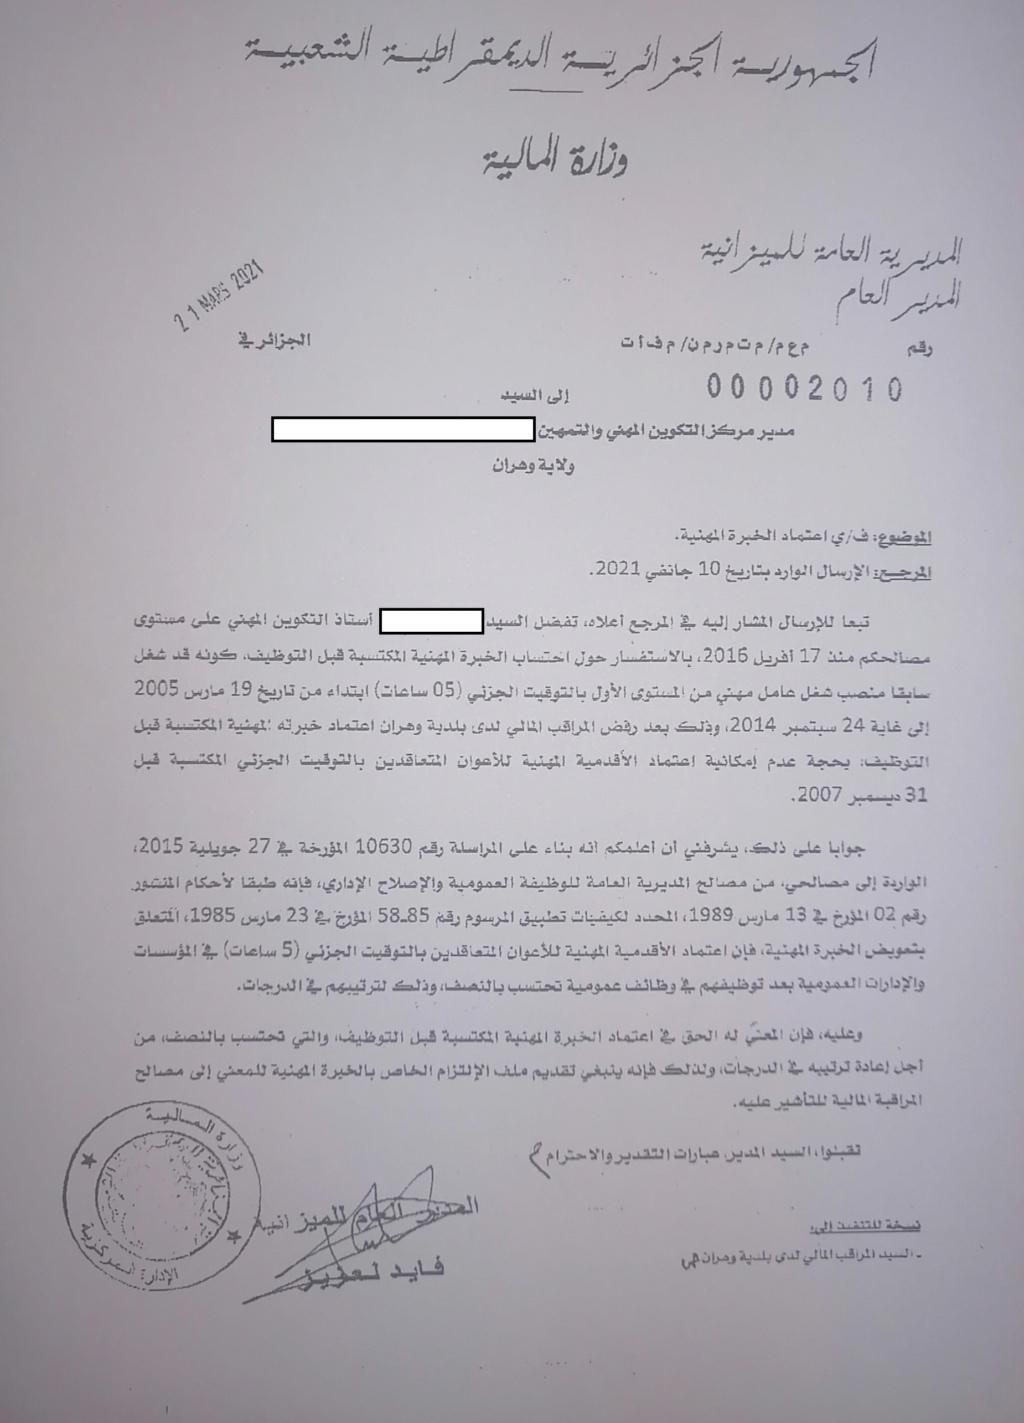 المراسلات الصادرة عن المديرية العامة للميزانية - صفحة 14 Img_2012